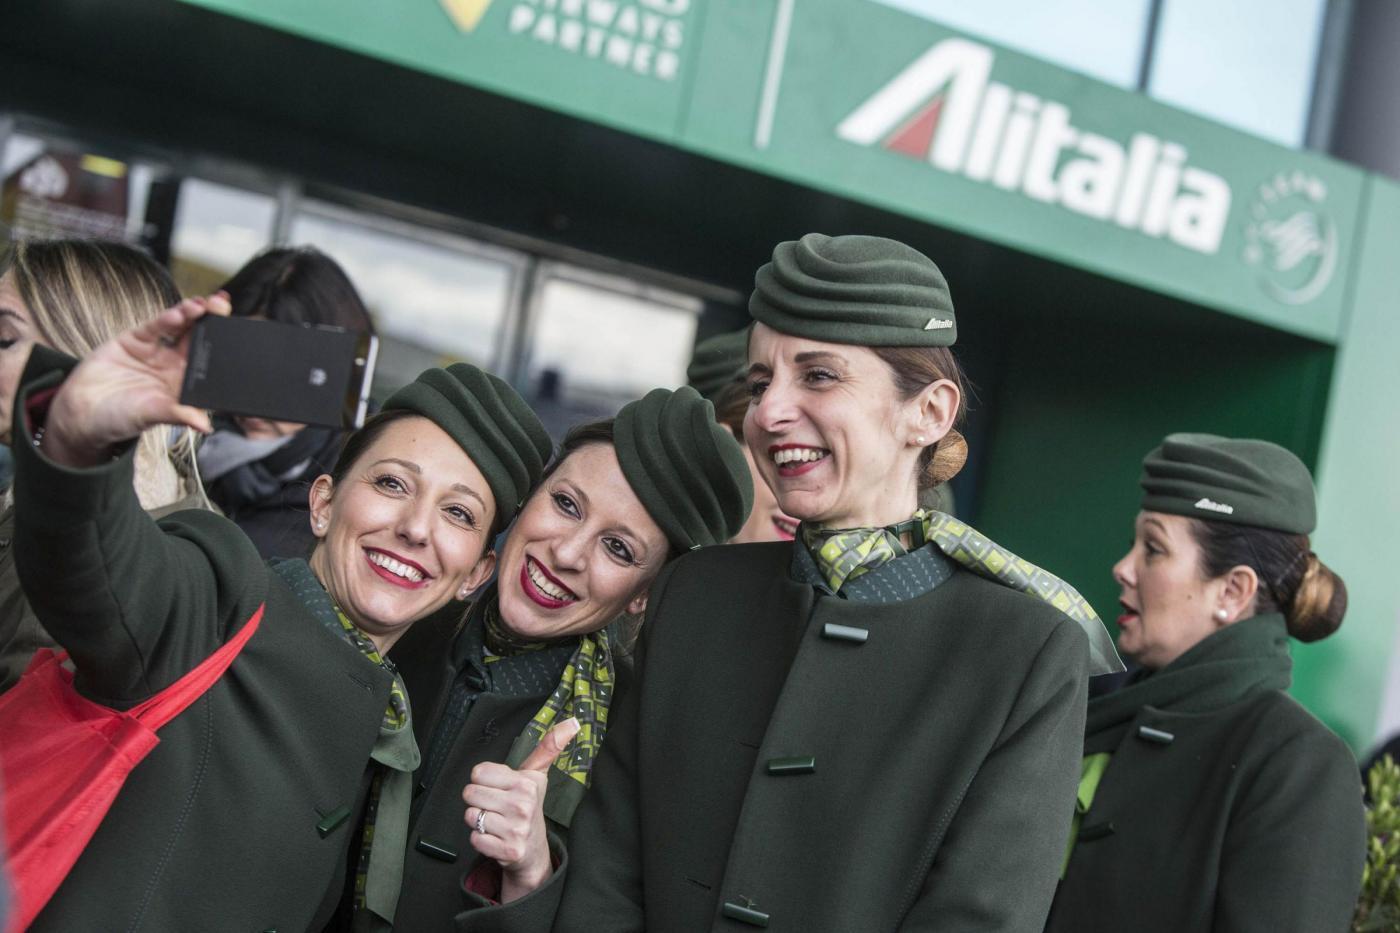 Aeroporto di Fiumicino, sciopero dei dipendenti Alitalia